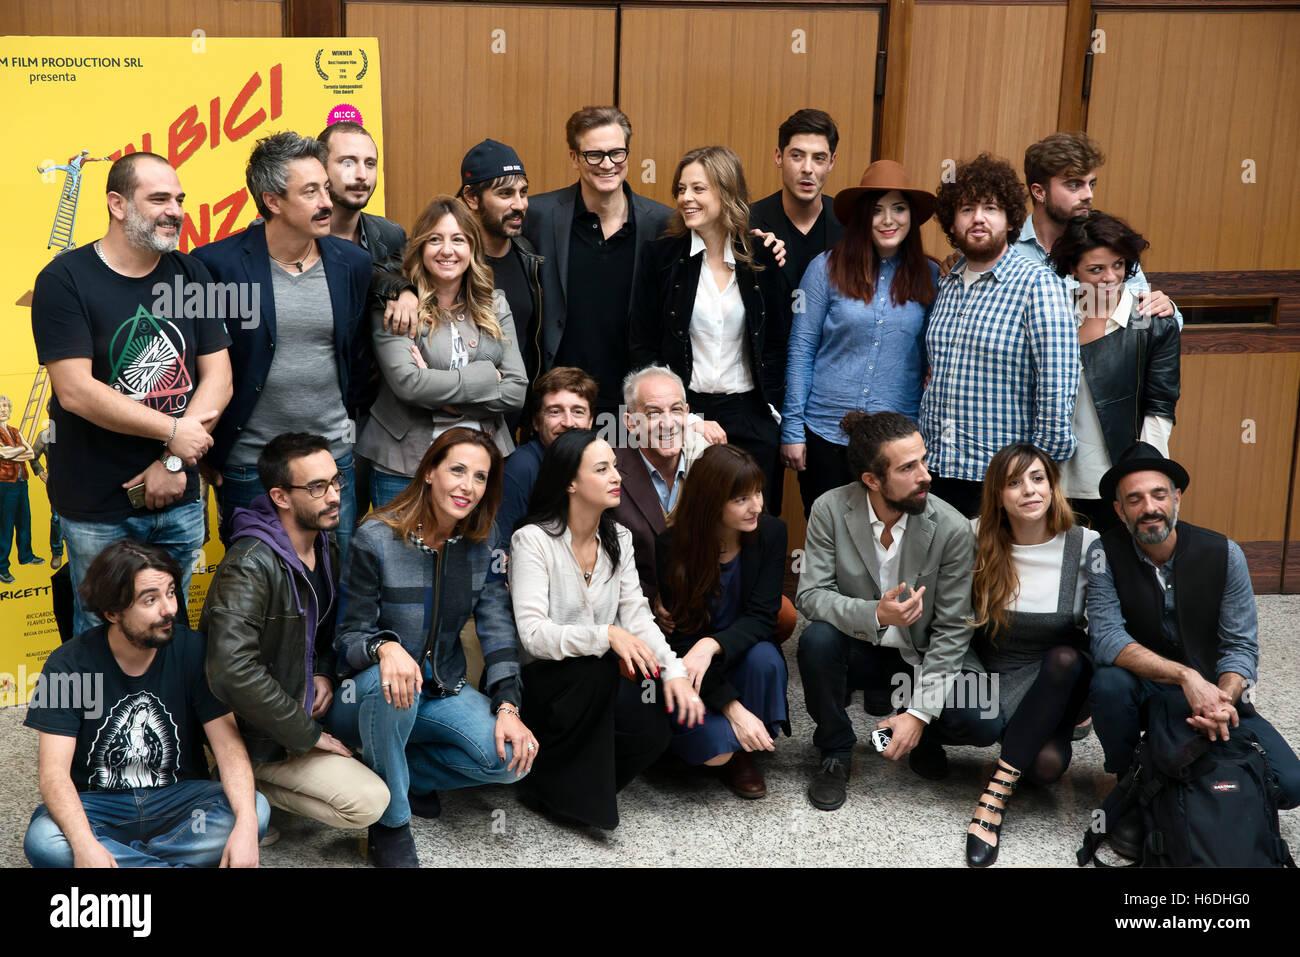 """Rom, Italien. 27. Oktober 2016. Colin Firth besucht die Photocall """"In Bici Senza Sella"""" bei der Universität Stockbild"""